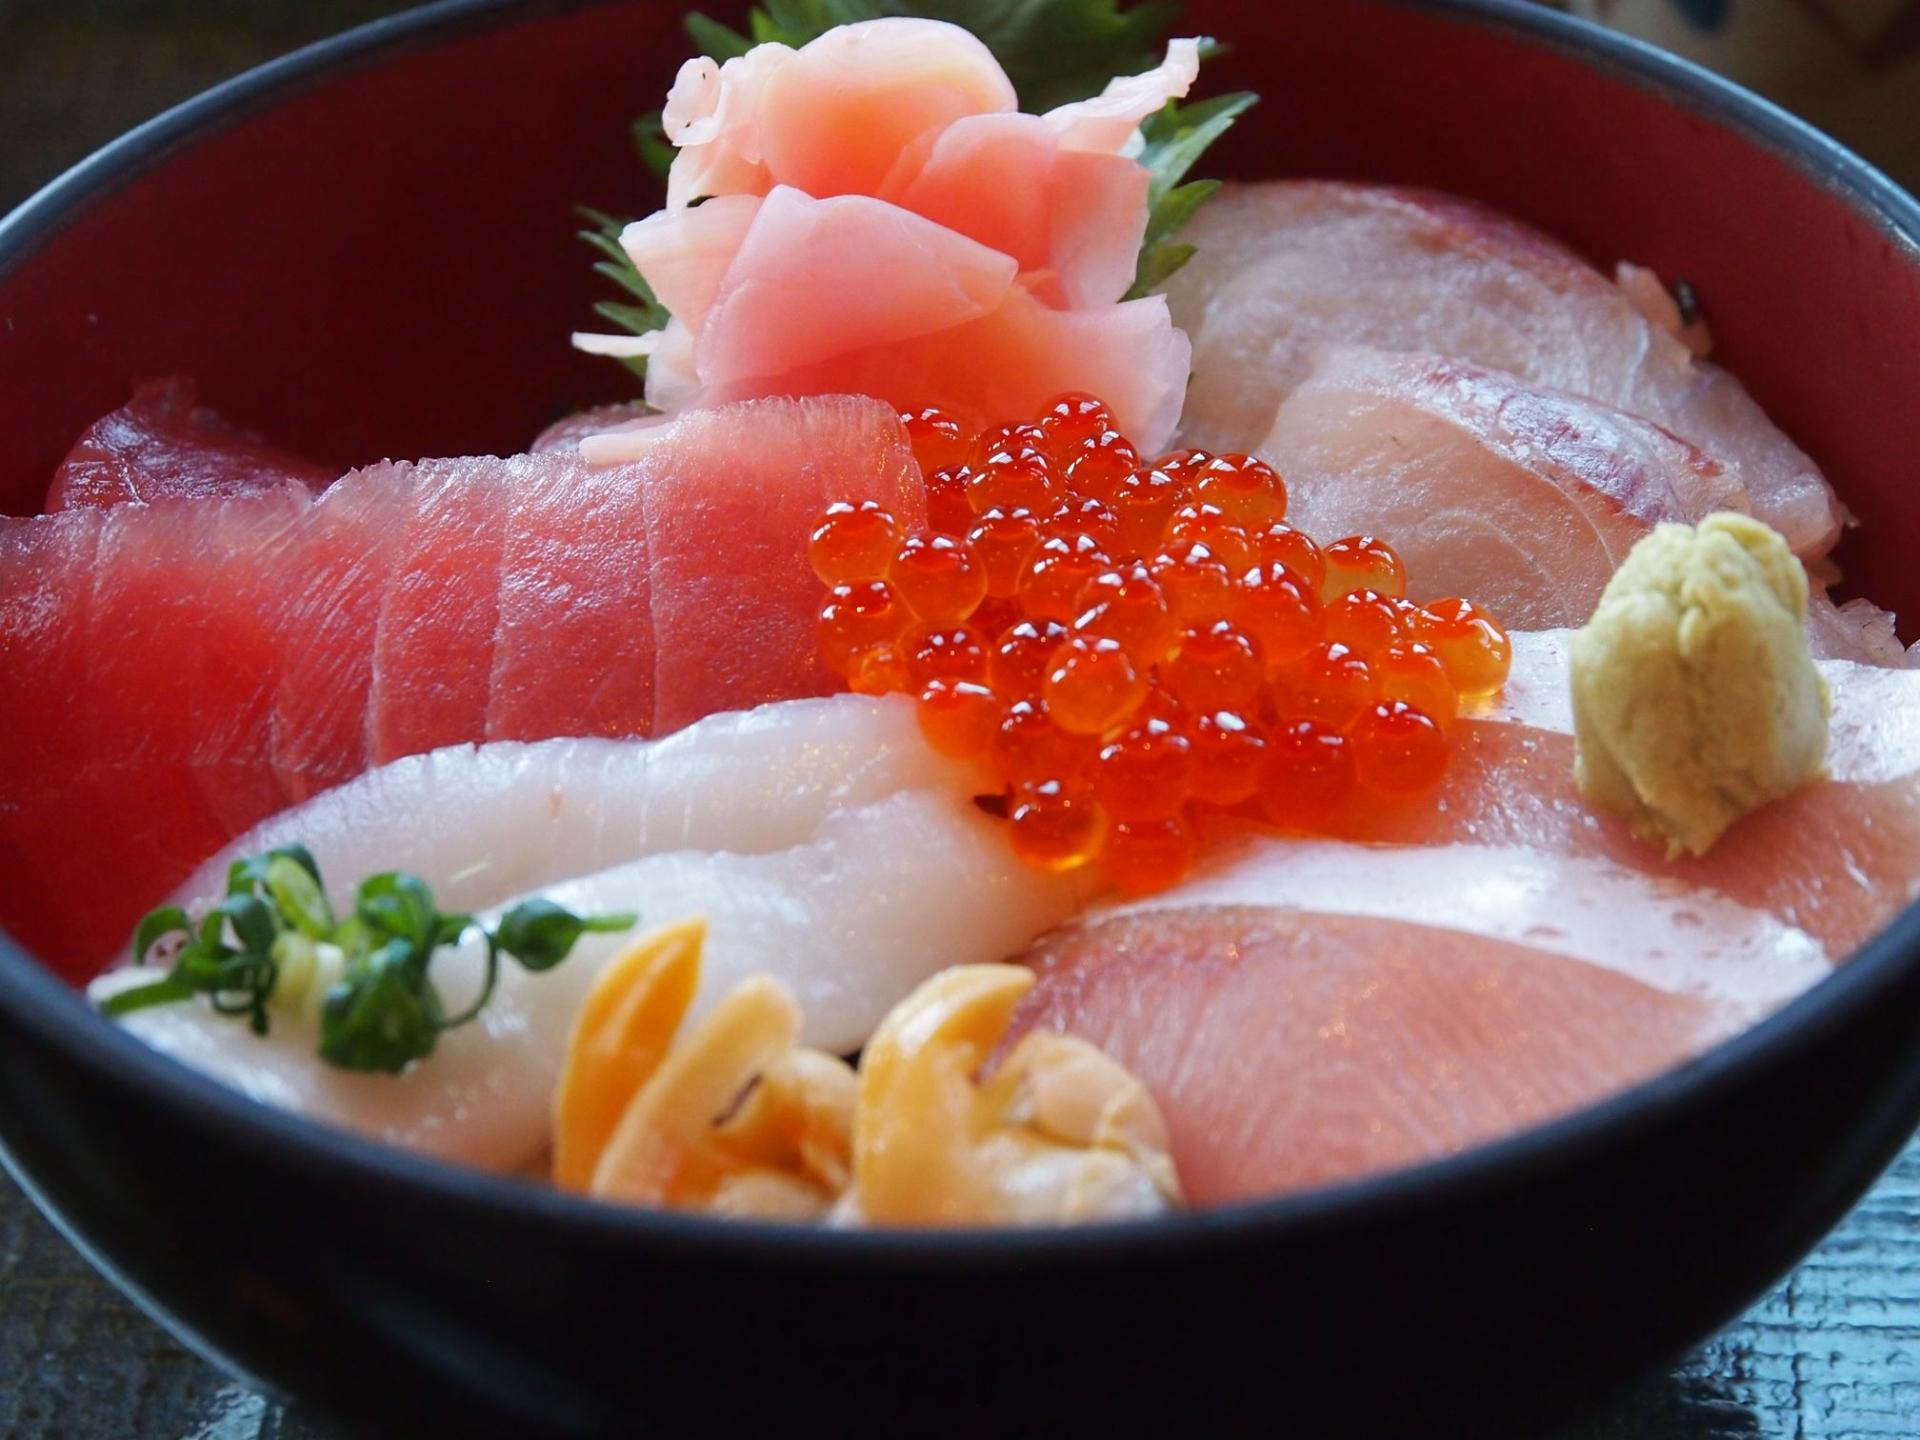 南紀白浜のグルメ特集!おすすめの名物海鮮料理やランチを徹底調査!